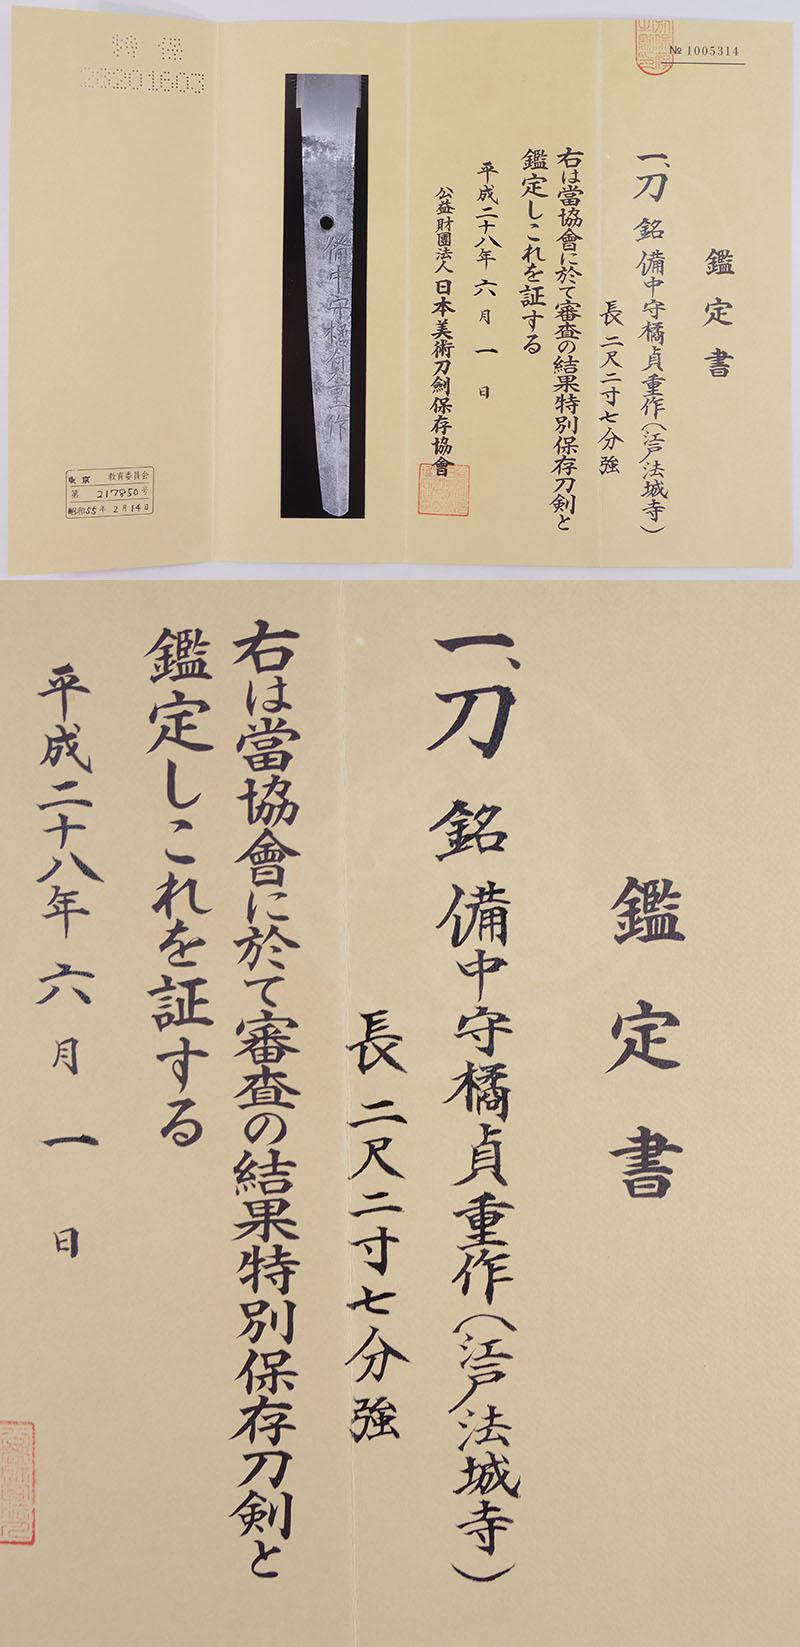 刀 備中守橘貞重作(江戸法城寺) Picture of Certificate